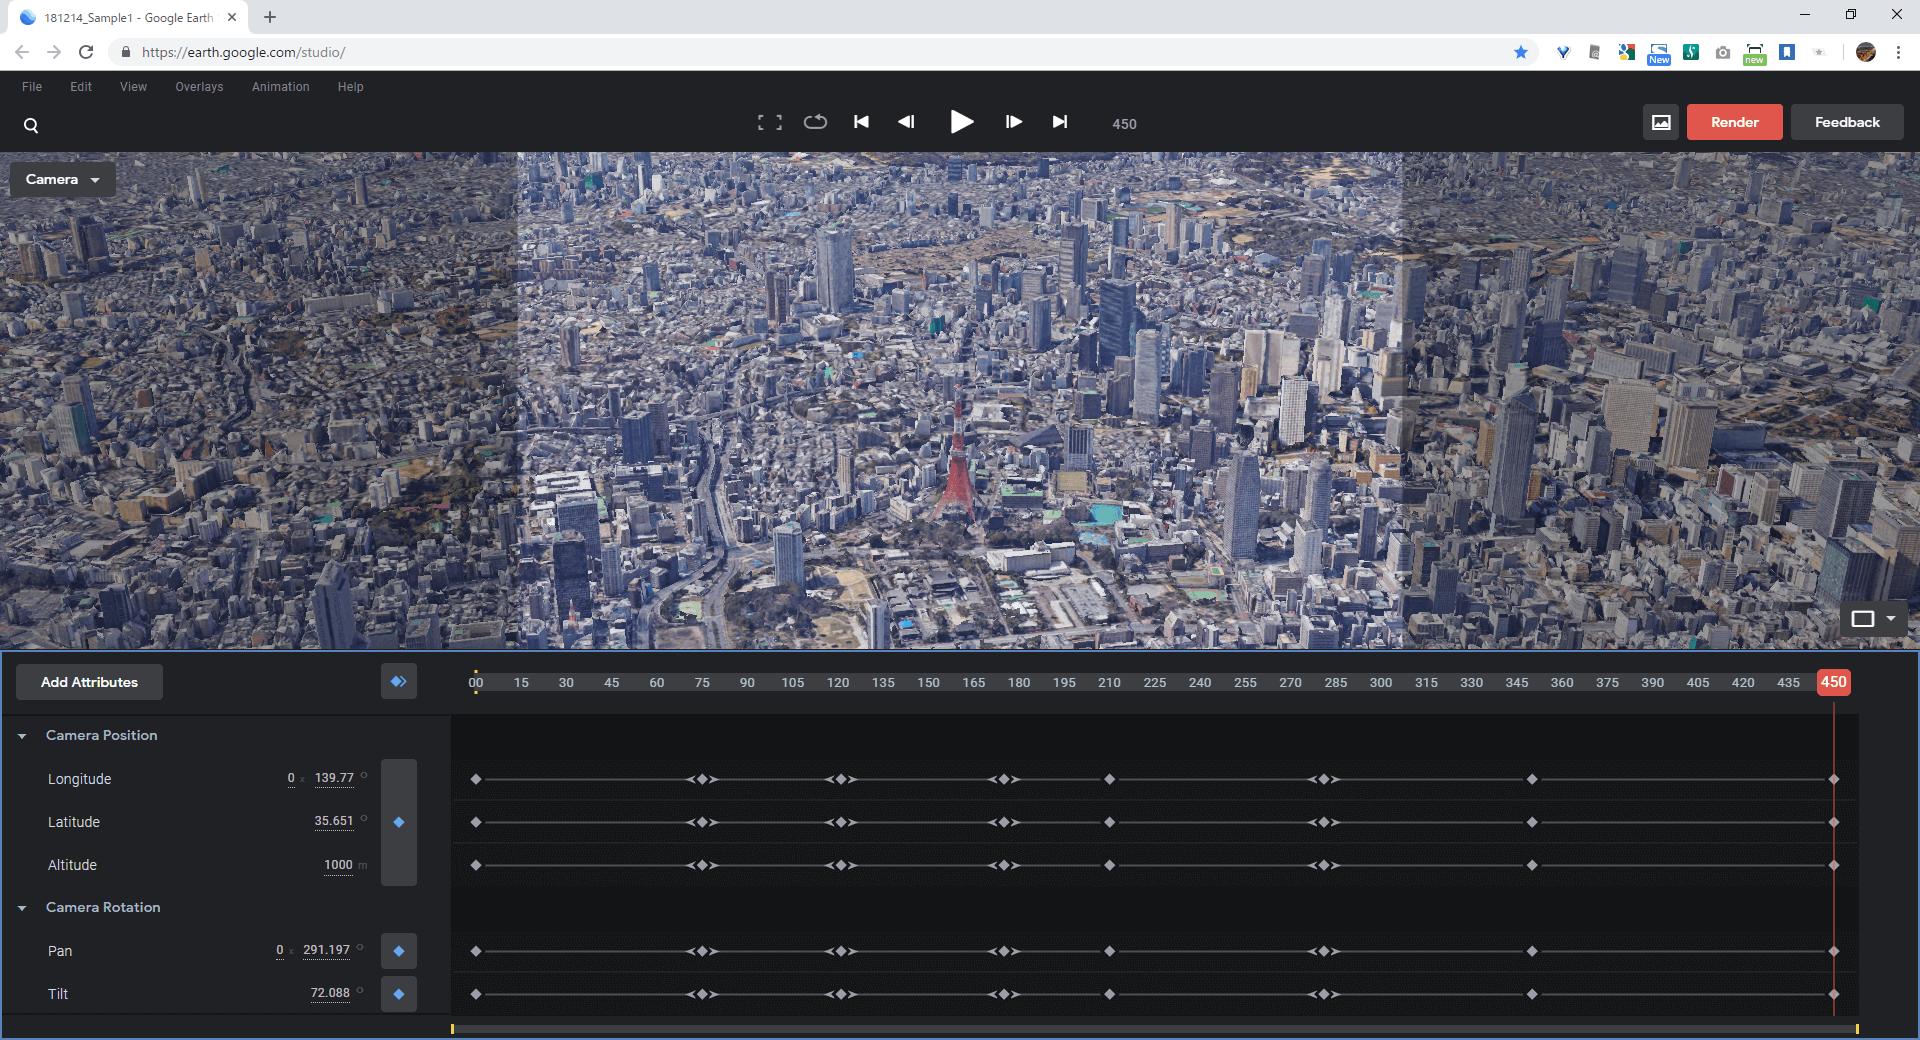 Google Earth Studio の動画編集操作画面のスクリーンショット